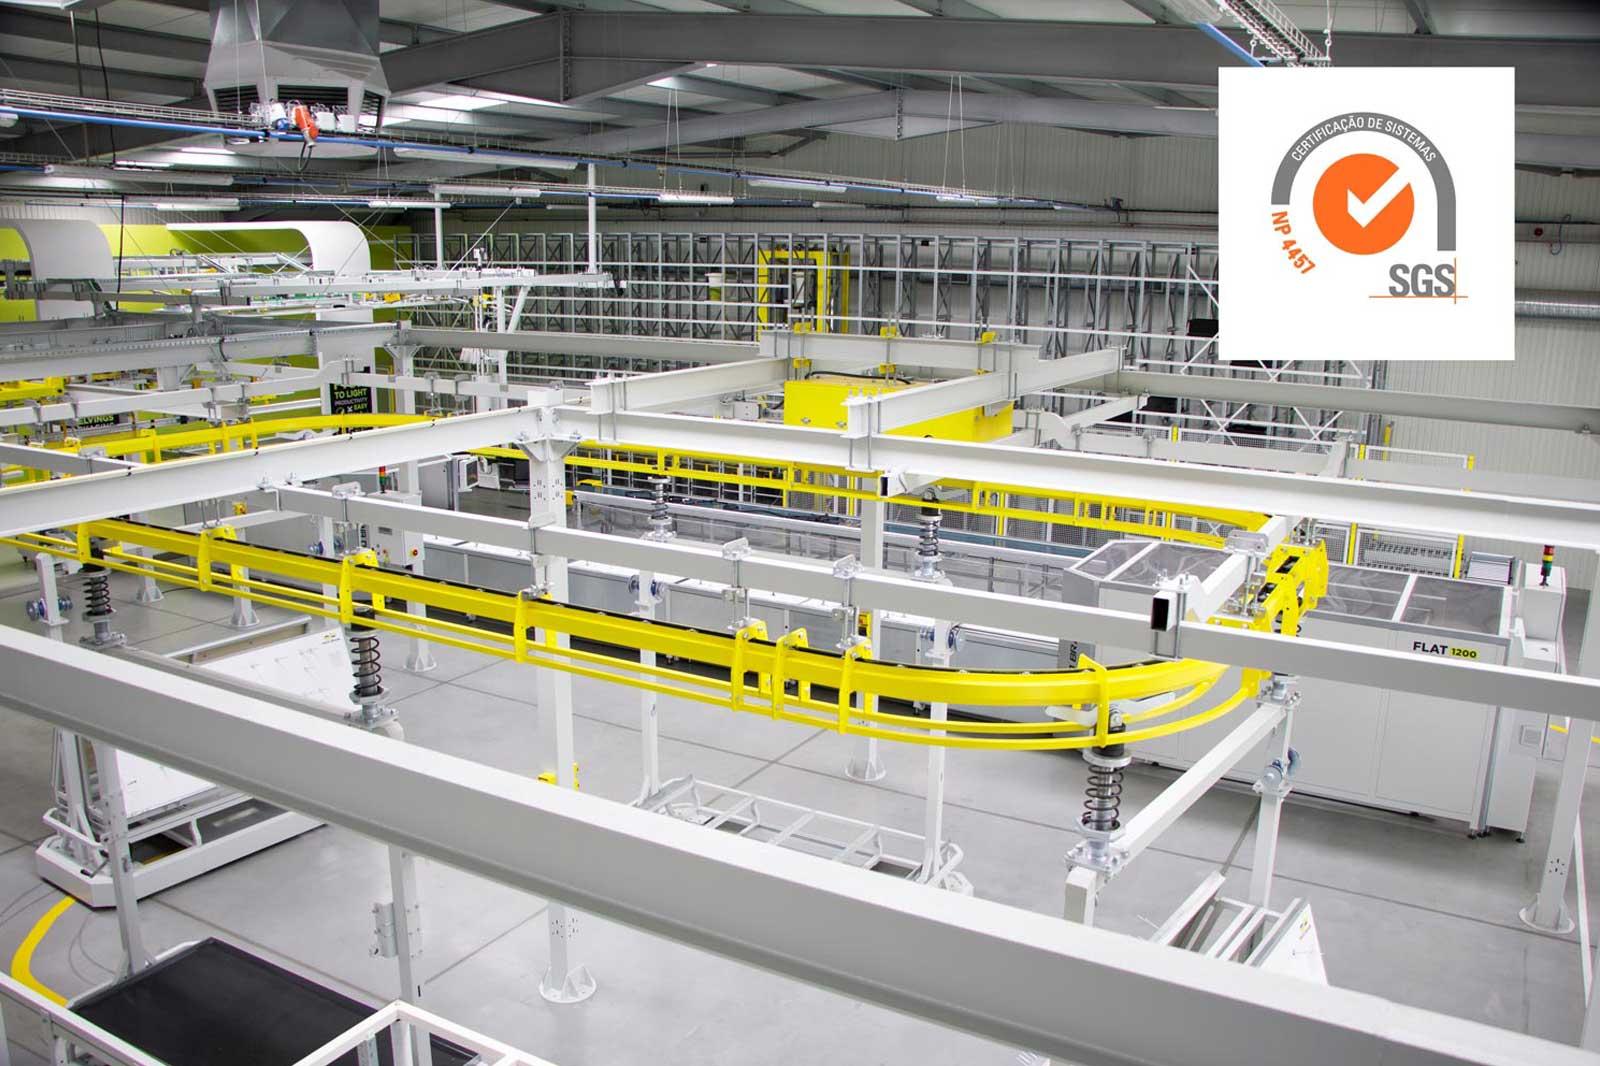 Entidade SGS<br> certifica a inovação<br> da Pinto Brasil